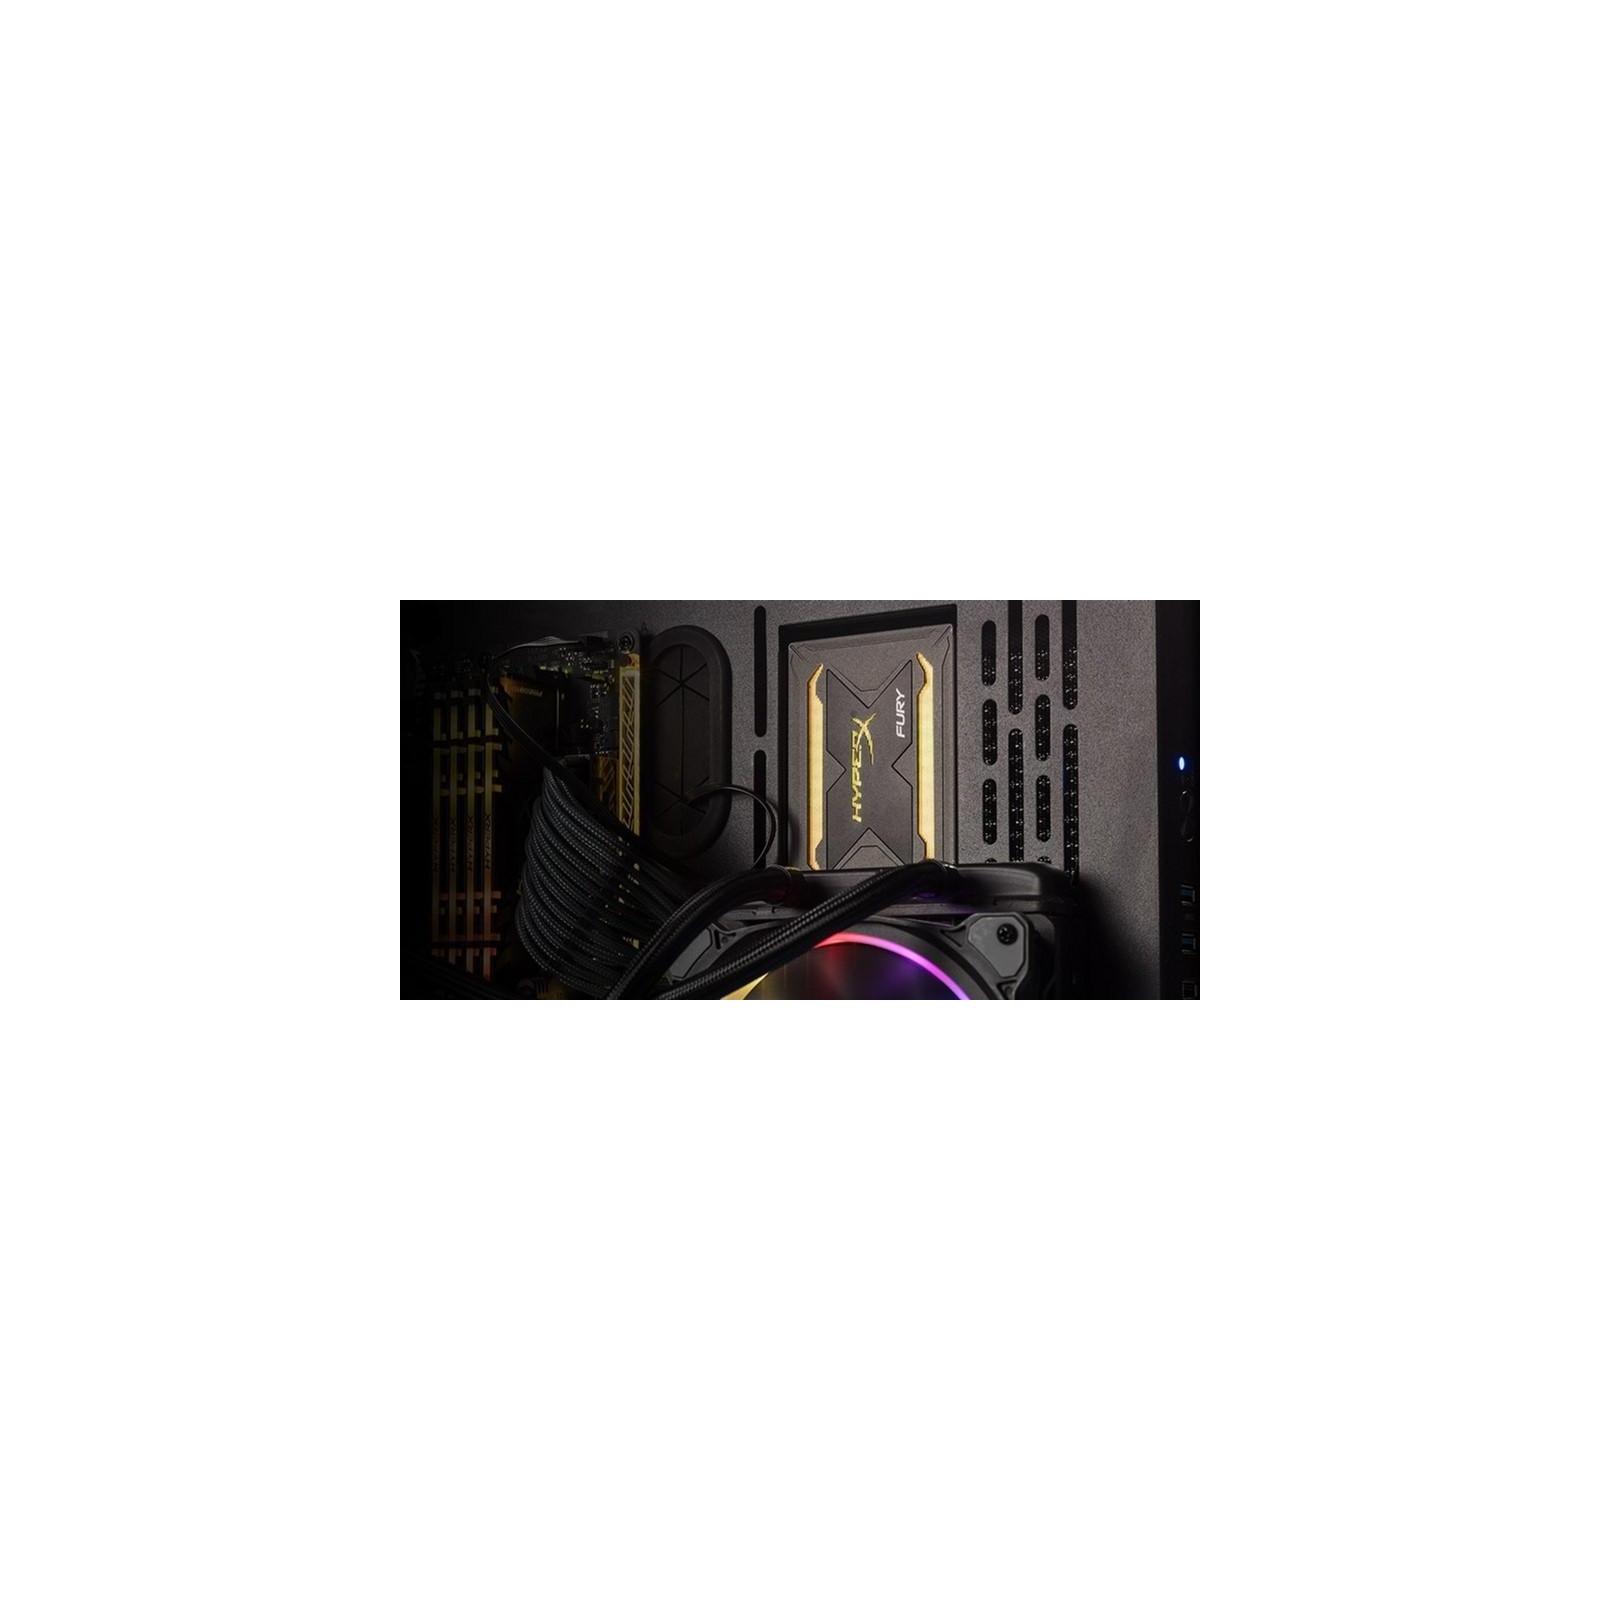 """Накопичувач SSD 2.5"""" 240GB HyperX SSD (SHFR200/240G) зображення 11"""